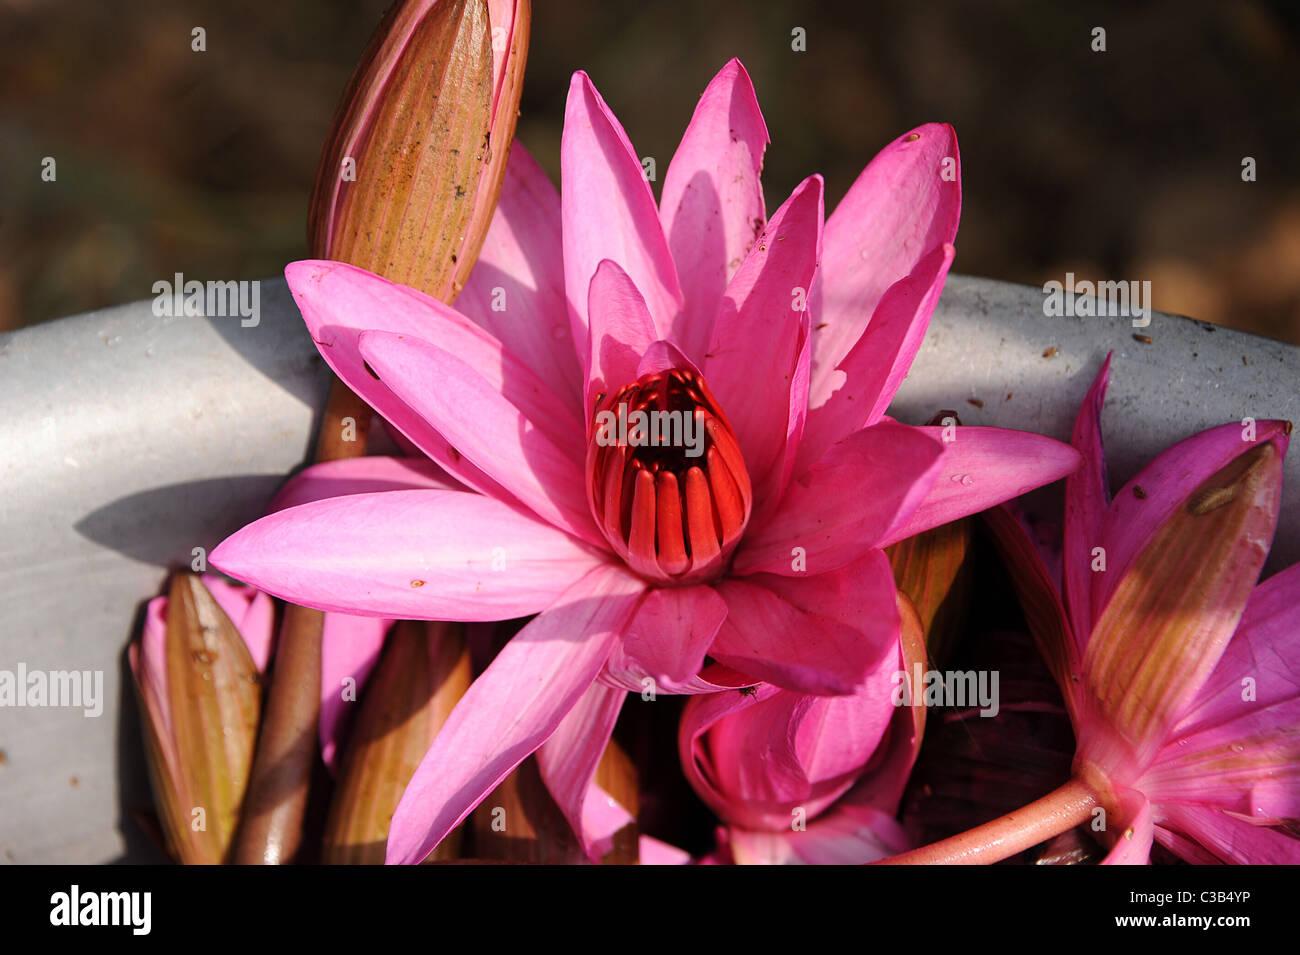 Pink Lotus Flower In Bowl Stock Photos Pink Lotus Flower In Bowl